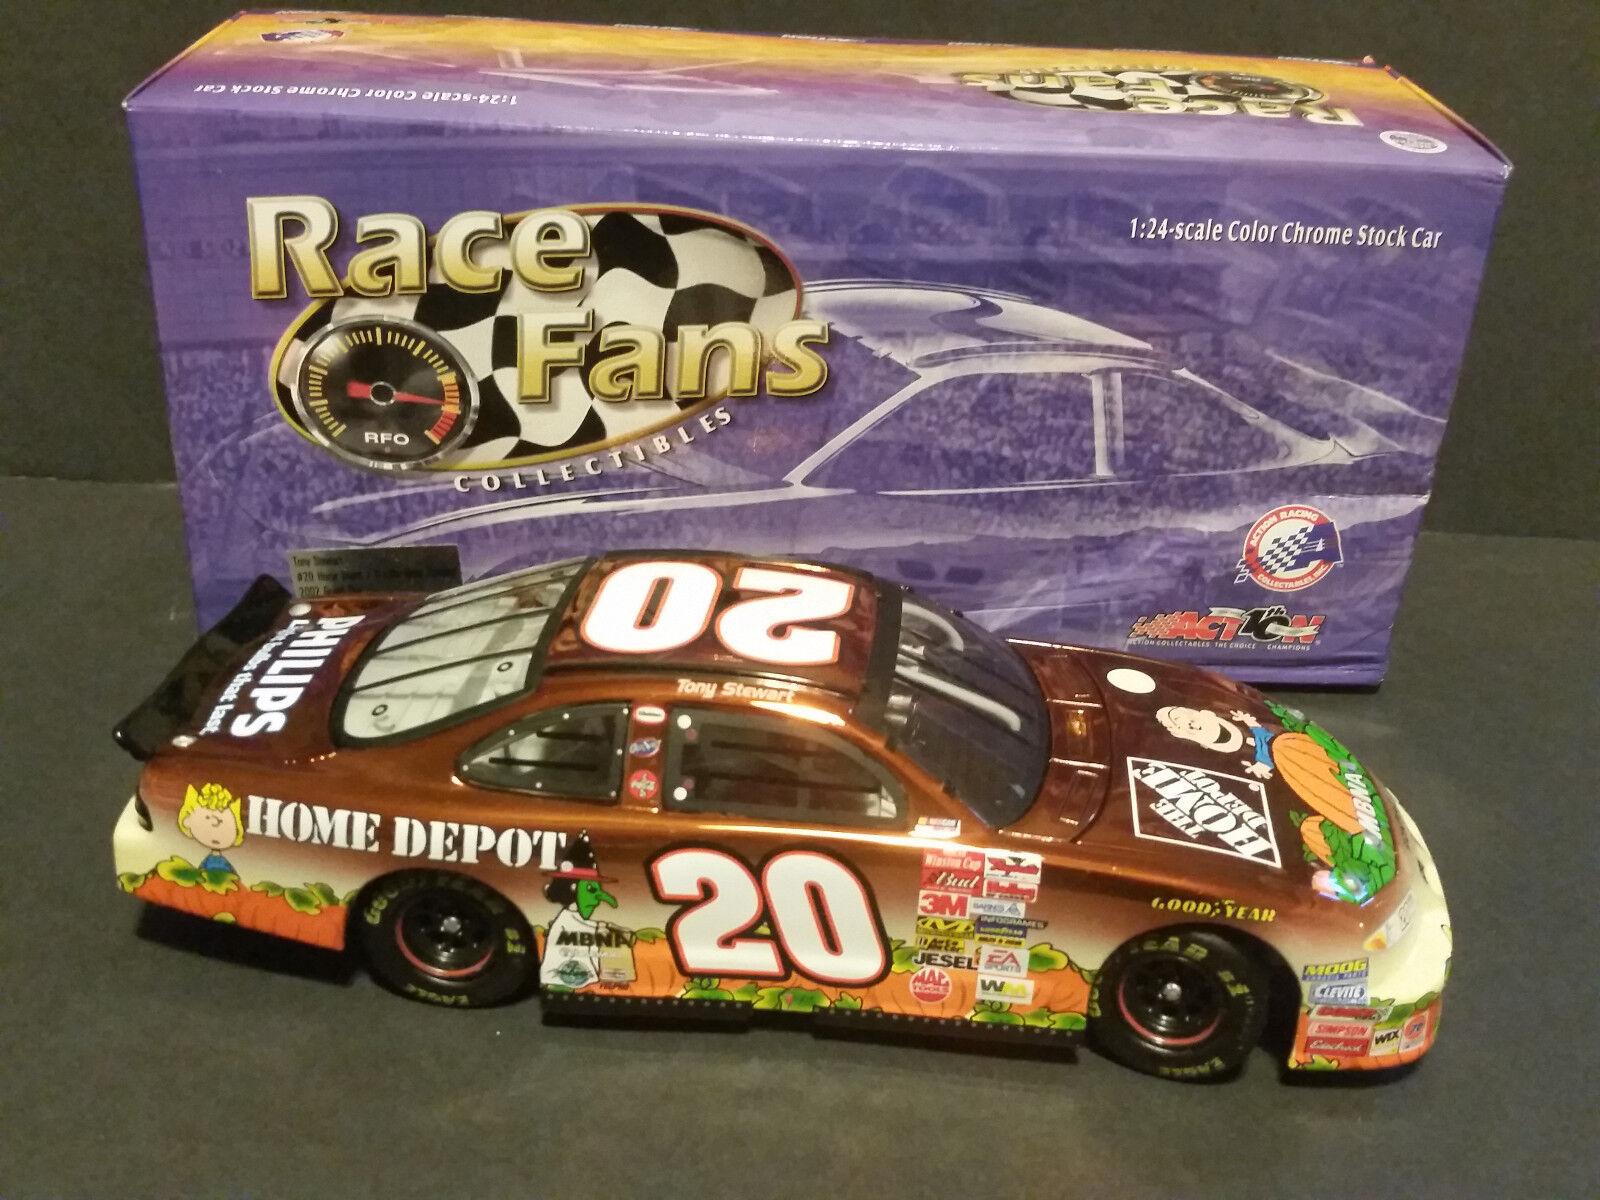 disfruta ahorrando 30-50% de descuento 2002 Tony Stewart acción 1 1 1 24 Peanuts Gran Calabaza Pontiac Grand Prix   20  las mejores marcas venden barato